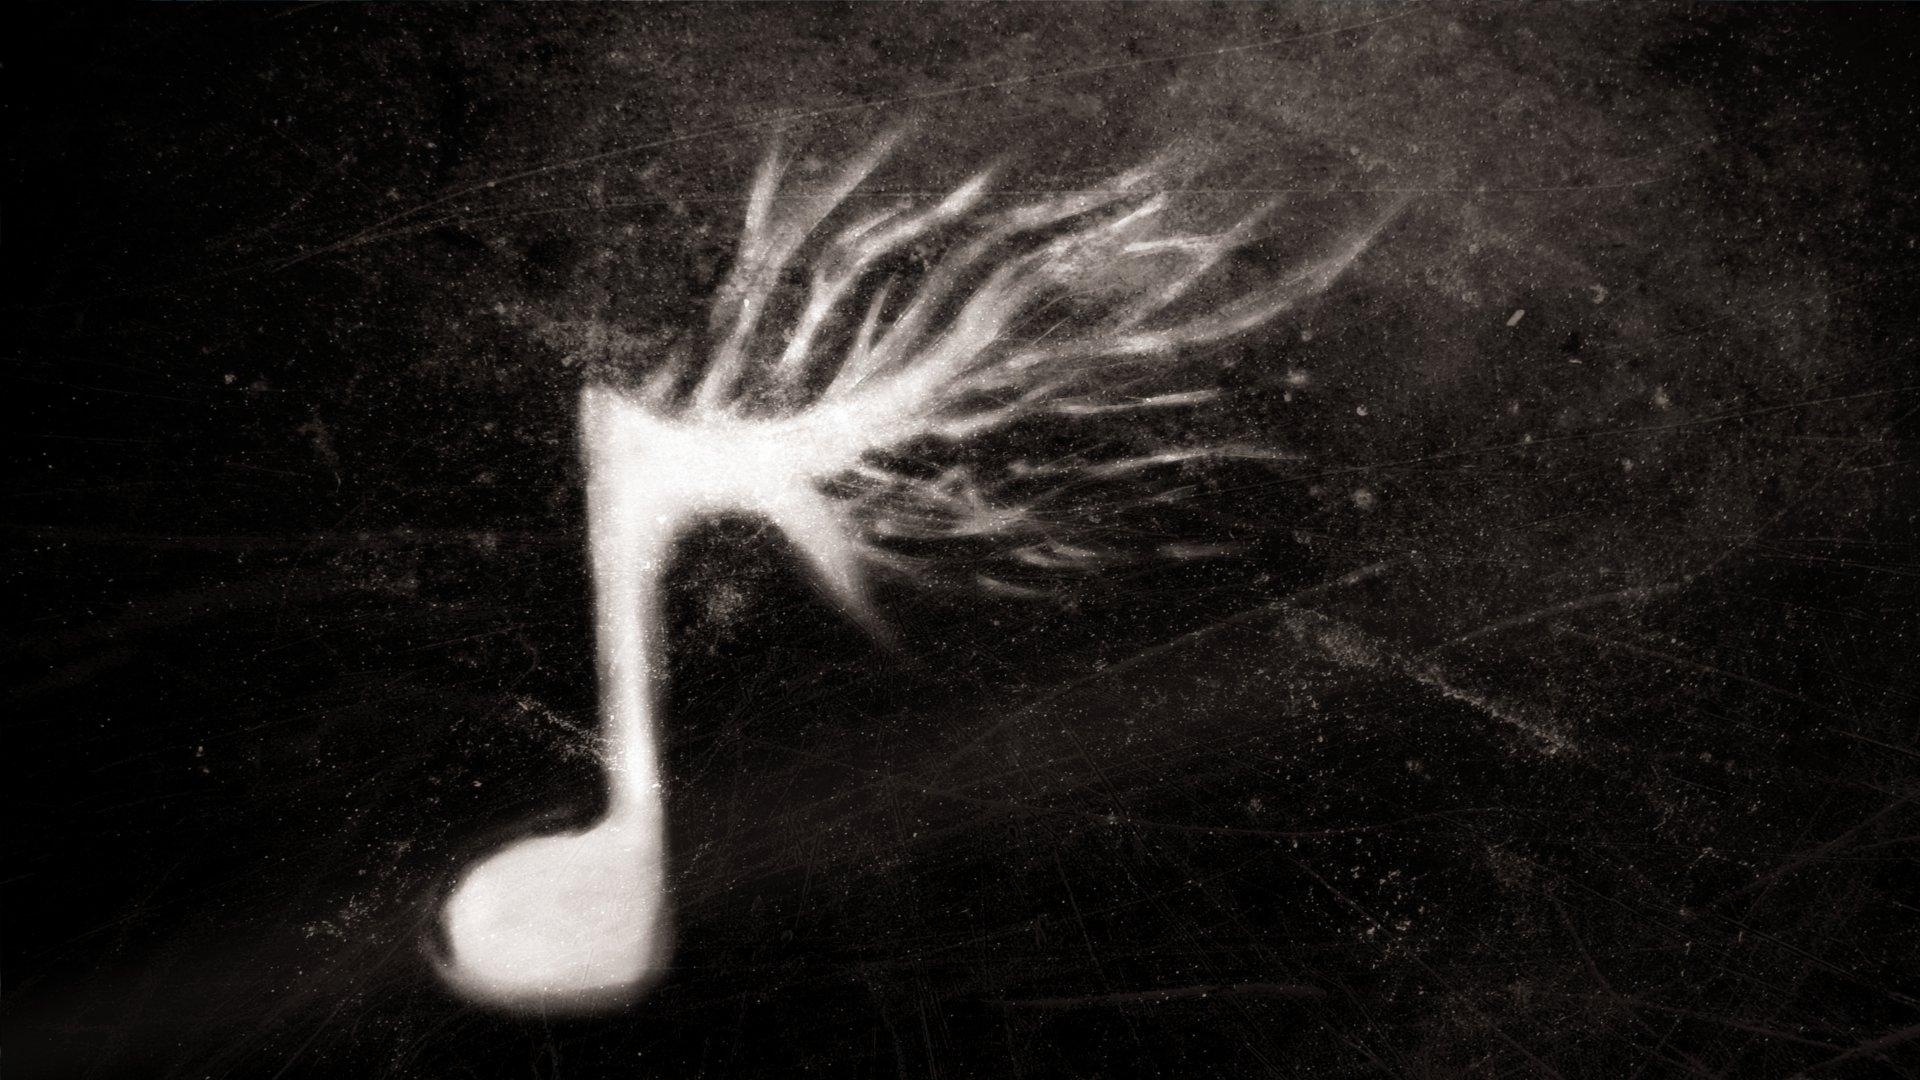 Artistique - Musique  Fond d'écran